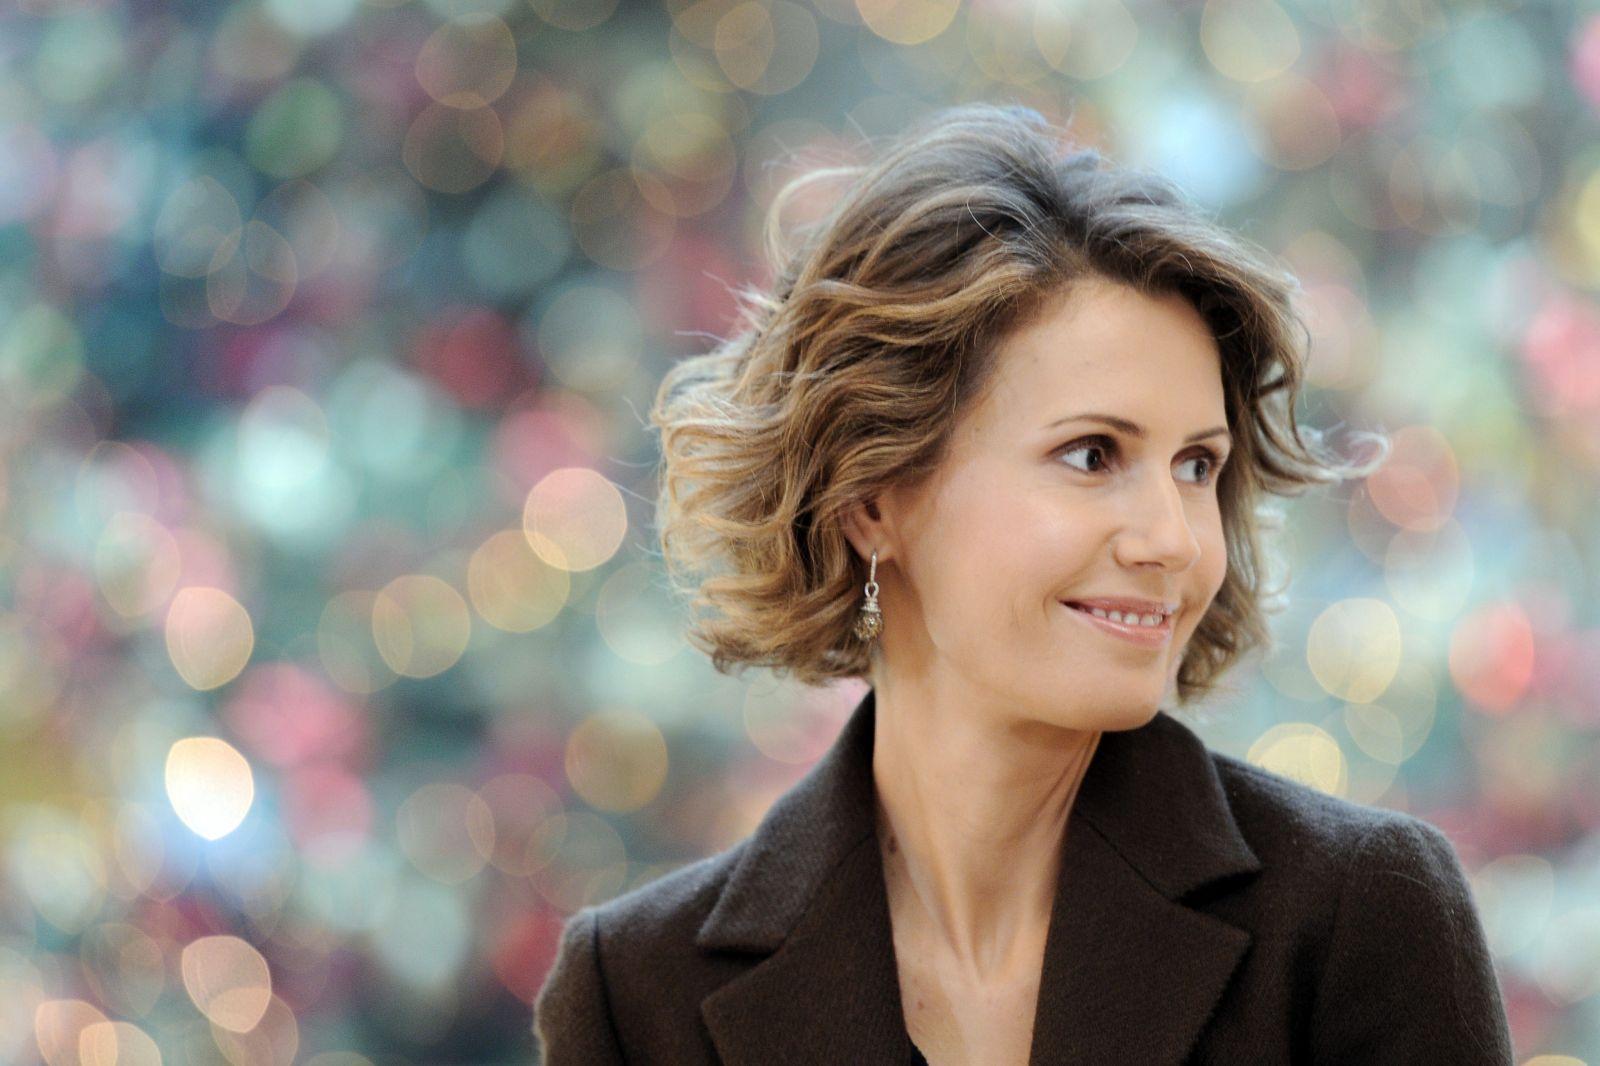 """زوجة الرئيس السوري بشار الأسد """"بطلة"""" في فيلم"""